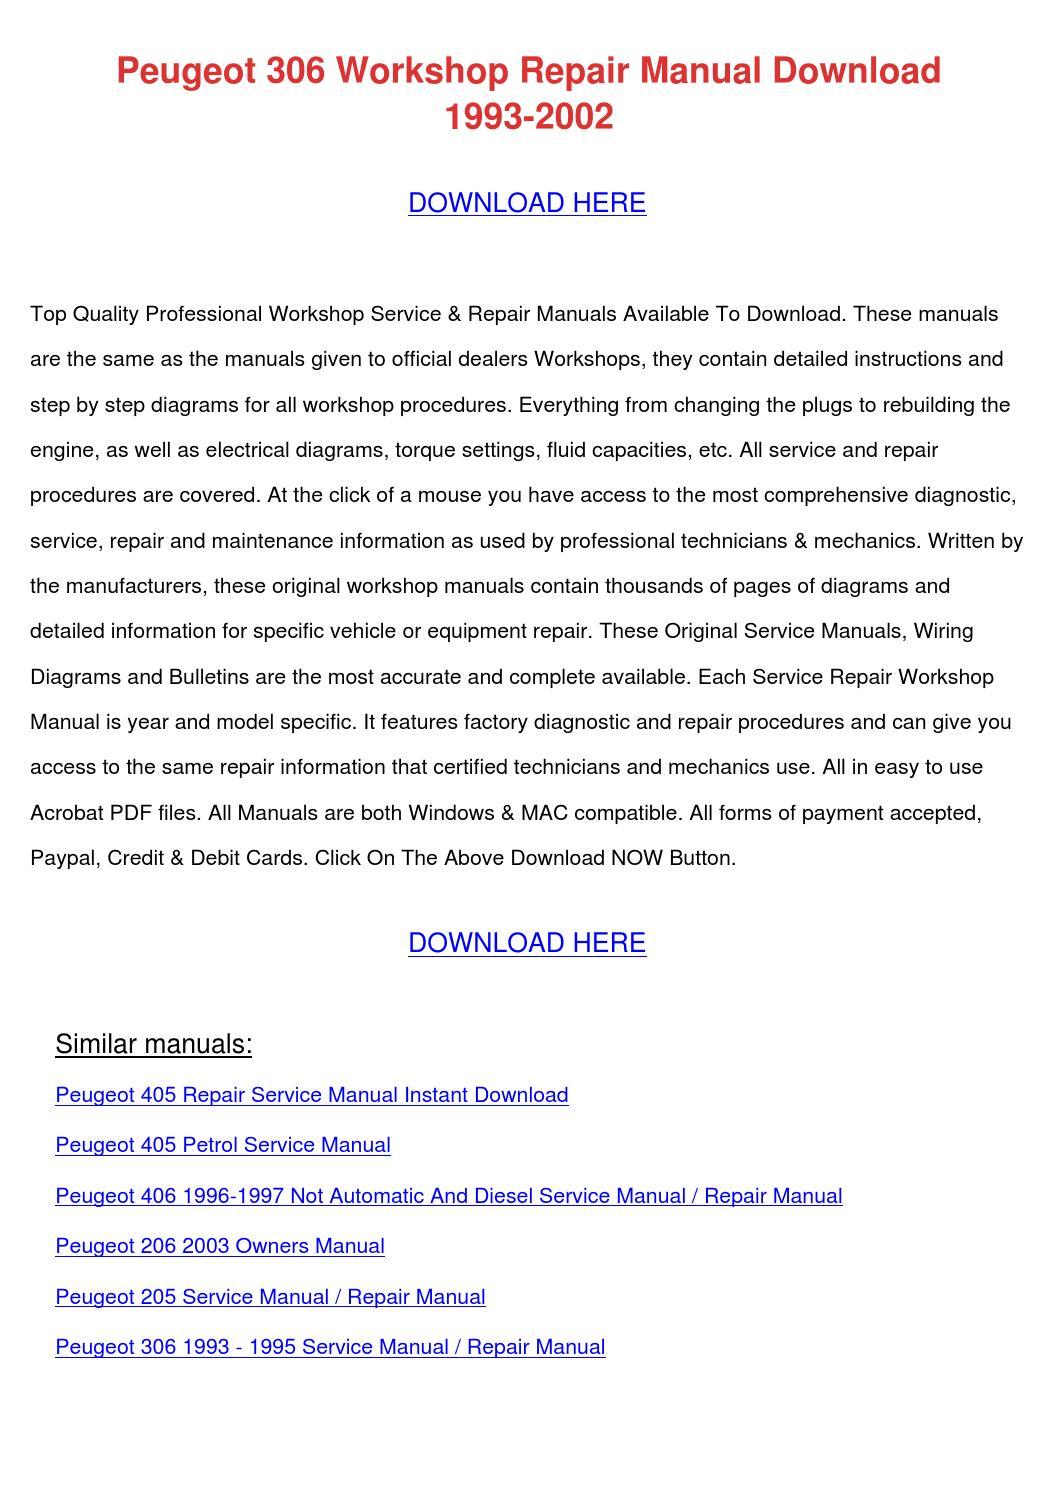 Peugeot 306 Workshop Repair Manual Download 1 By Lakeshakessler Issuu Wiring Diagrams Pdf